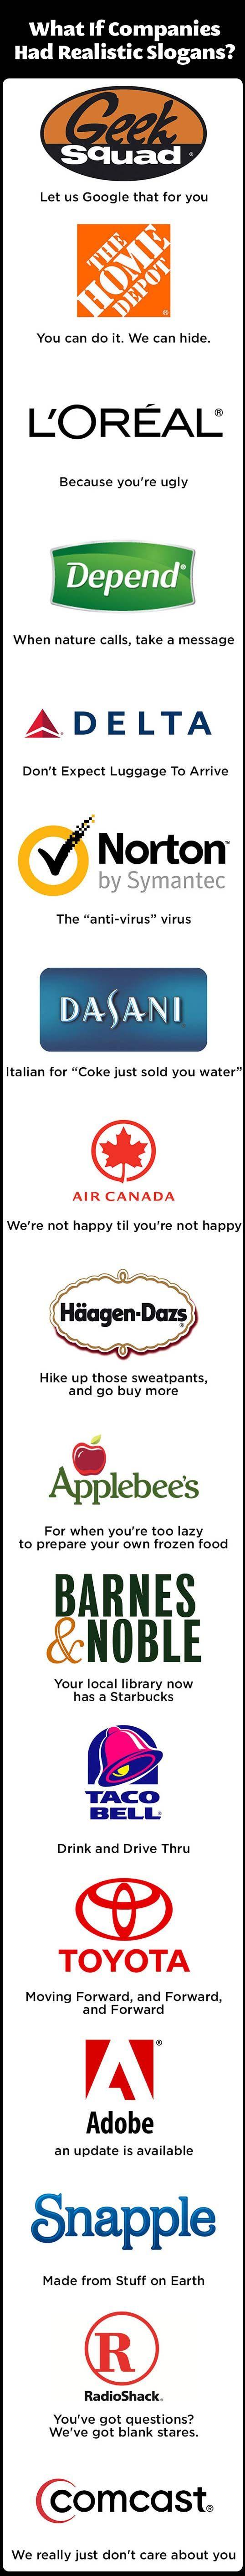 If Companies Had Realistic Slogans--- so true!! Delta?!! Hahahahahaha